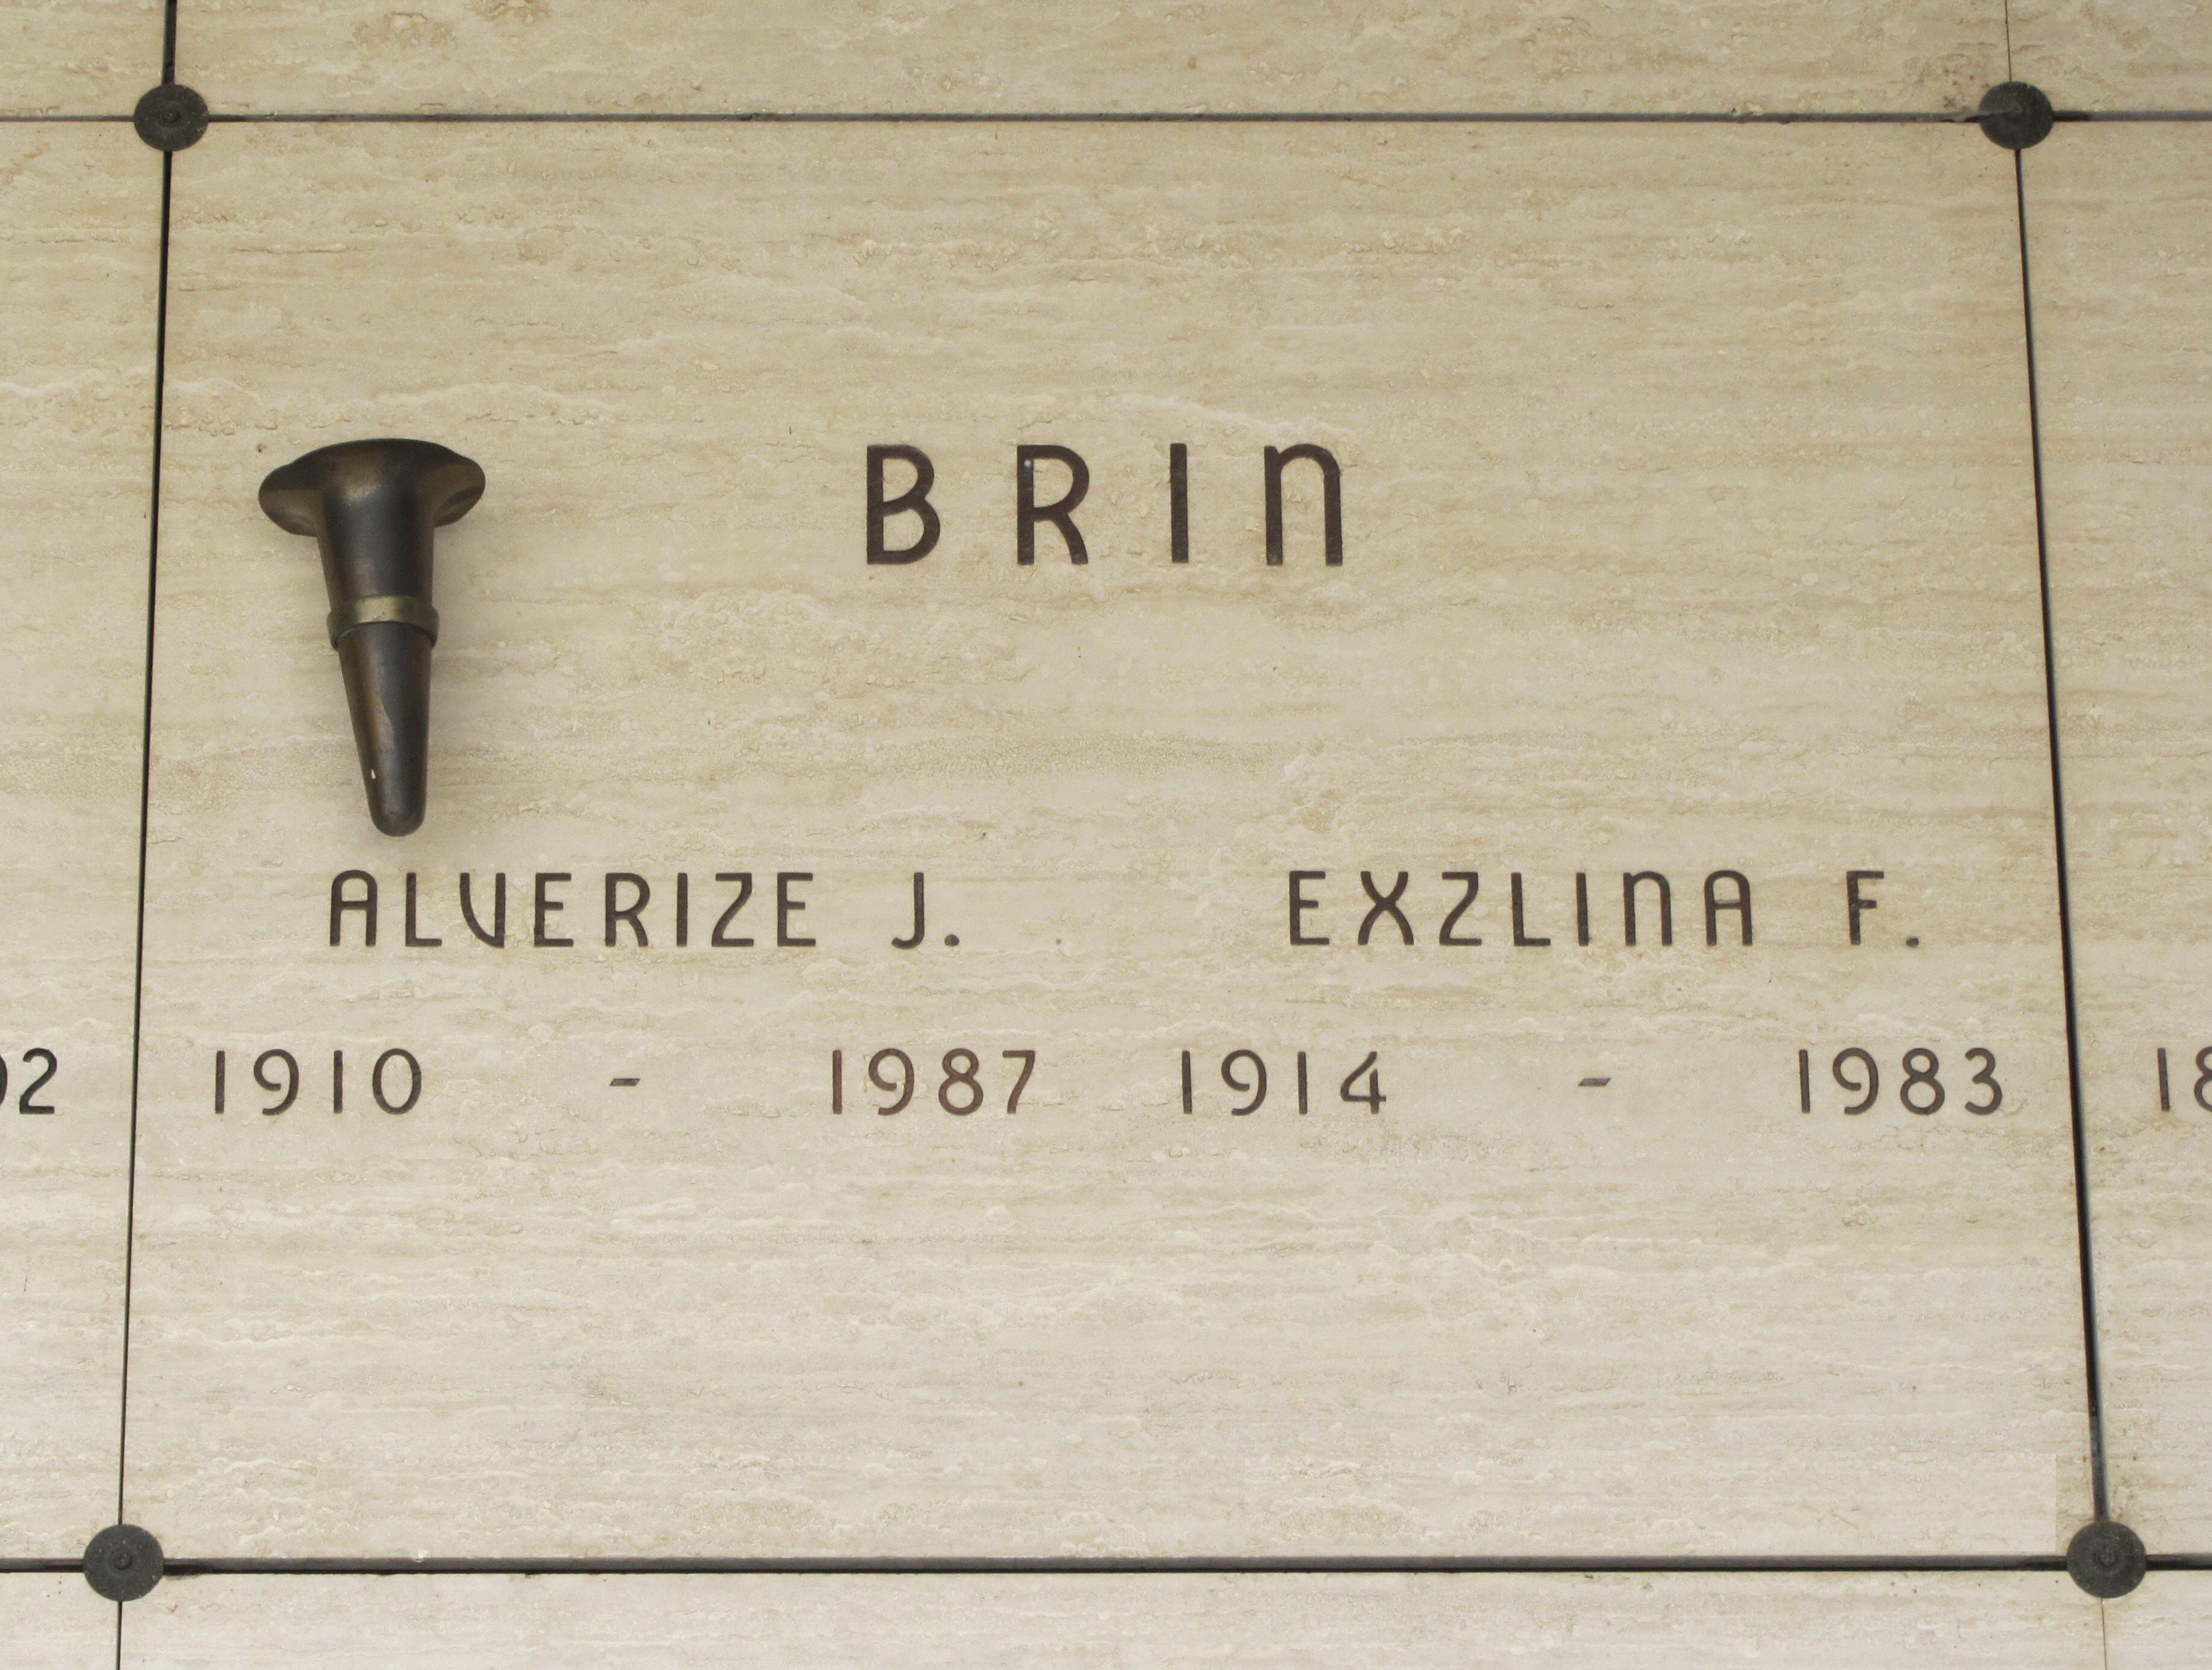 John Brin